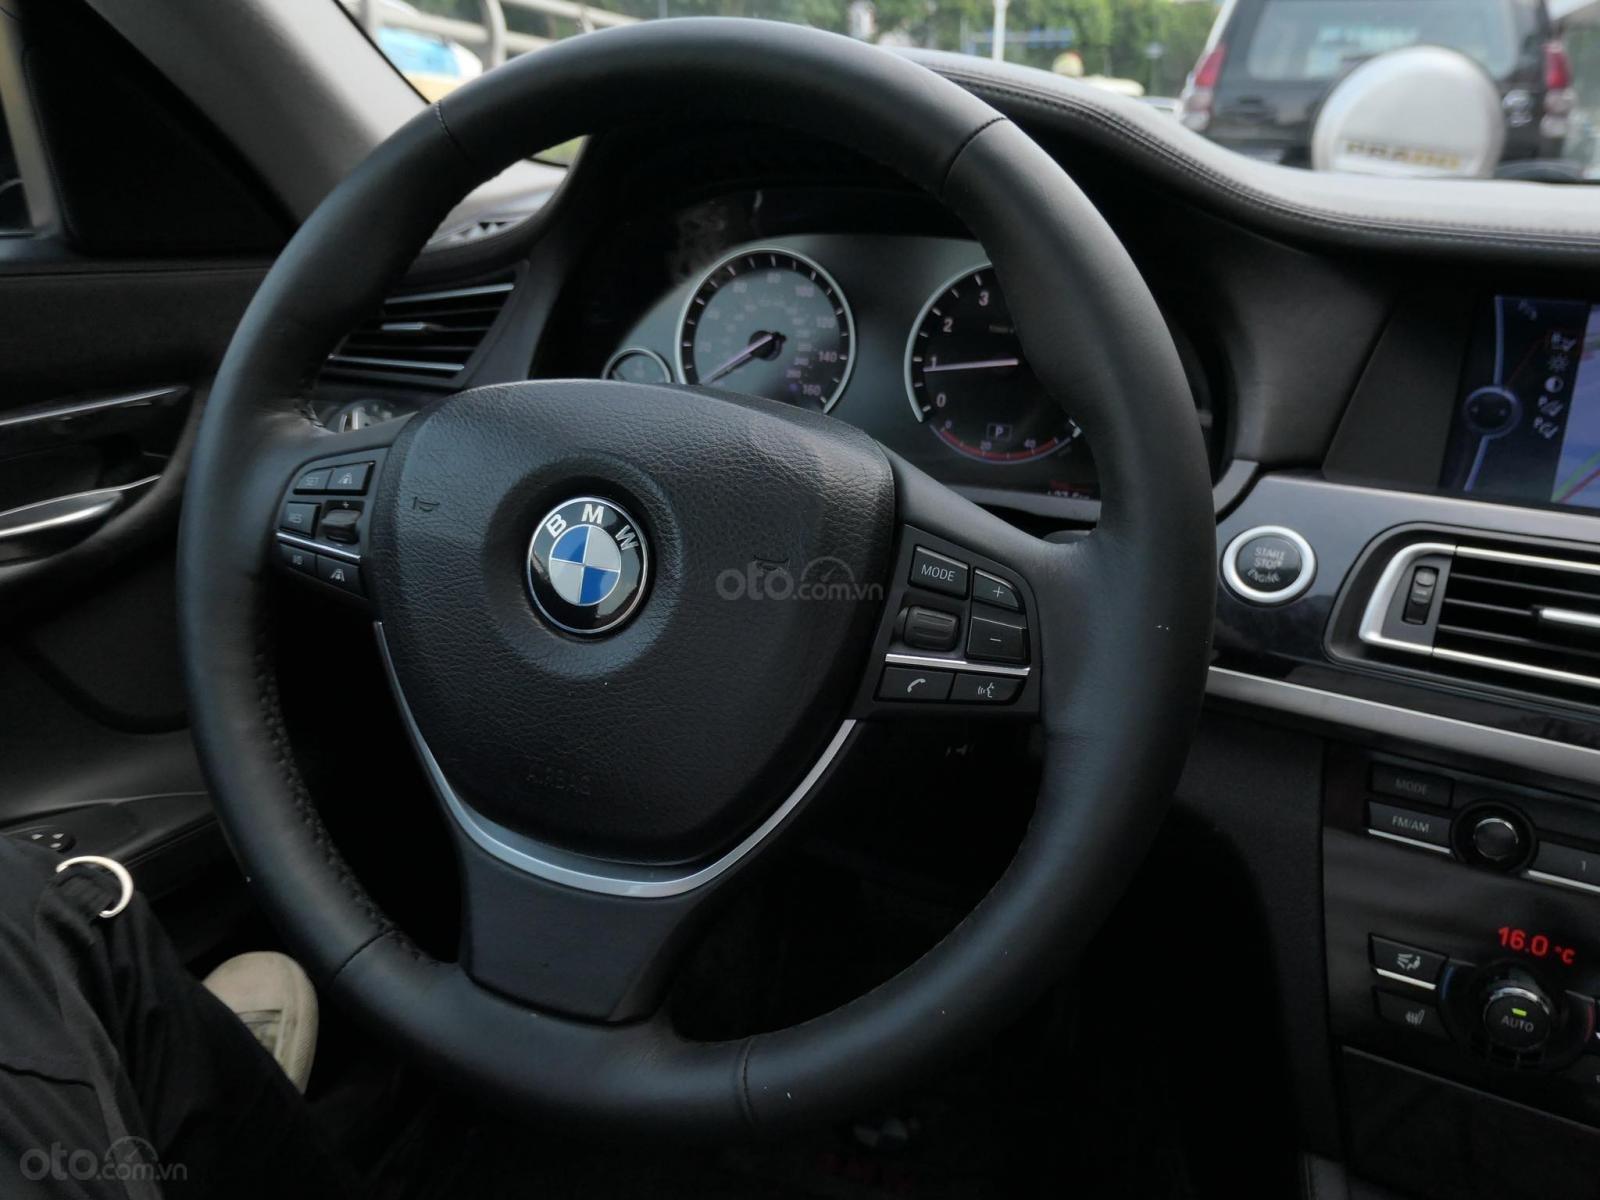 Cần bán BMW 7 Series 2010, màu đen, nhập khẩu, 880 triệu (2)